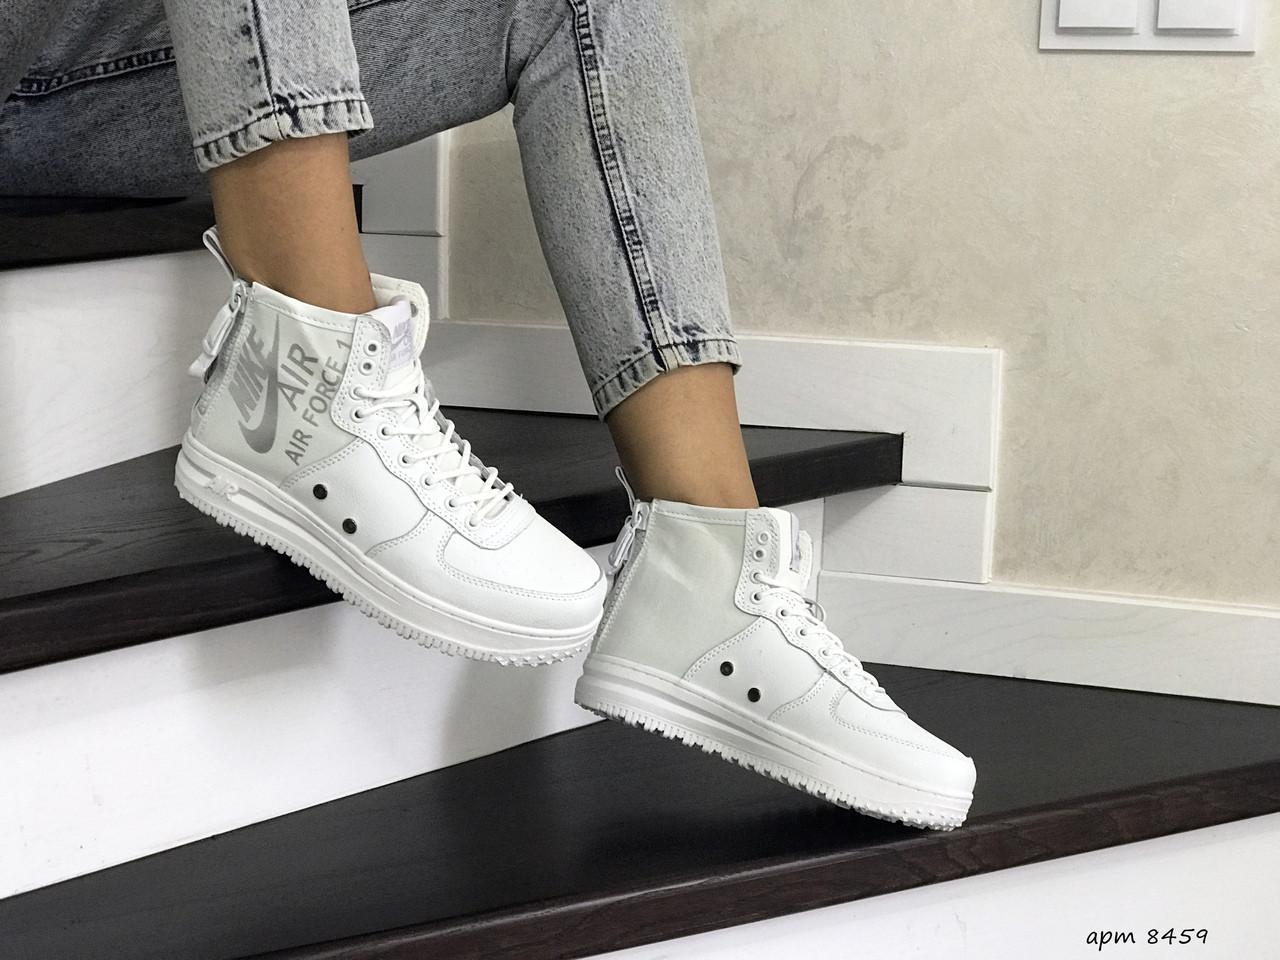 Високі жіночі кросівки Nike Air Force 1,білі